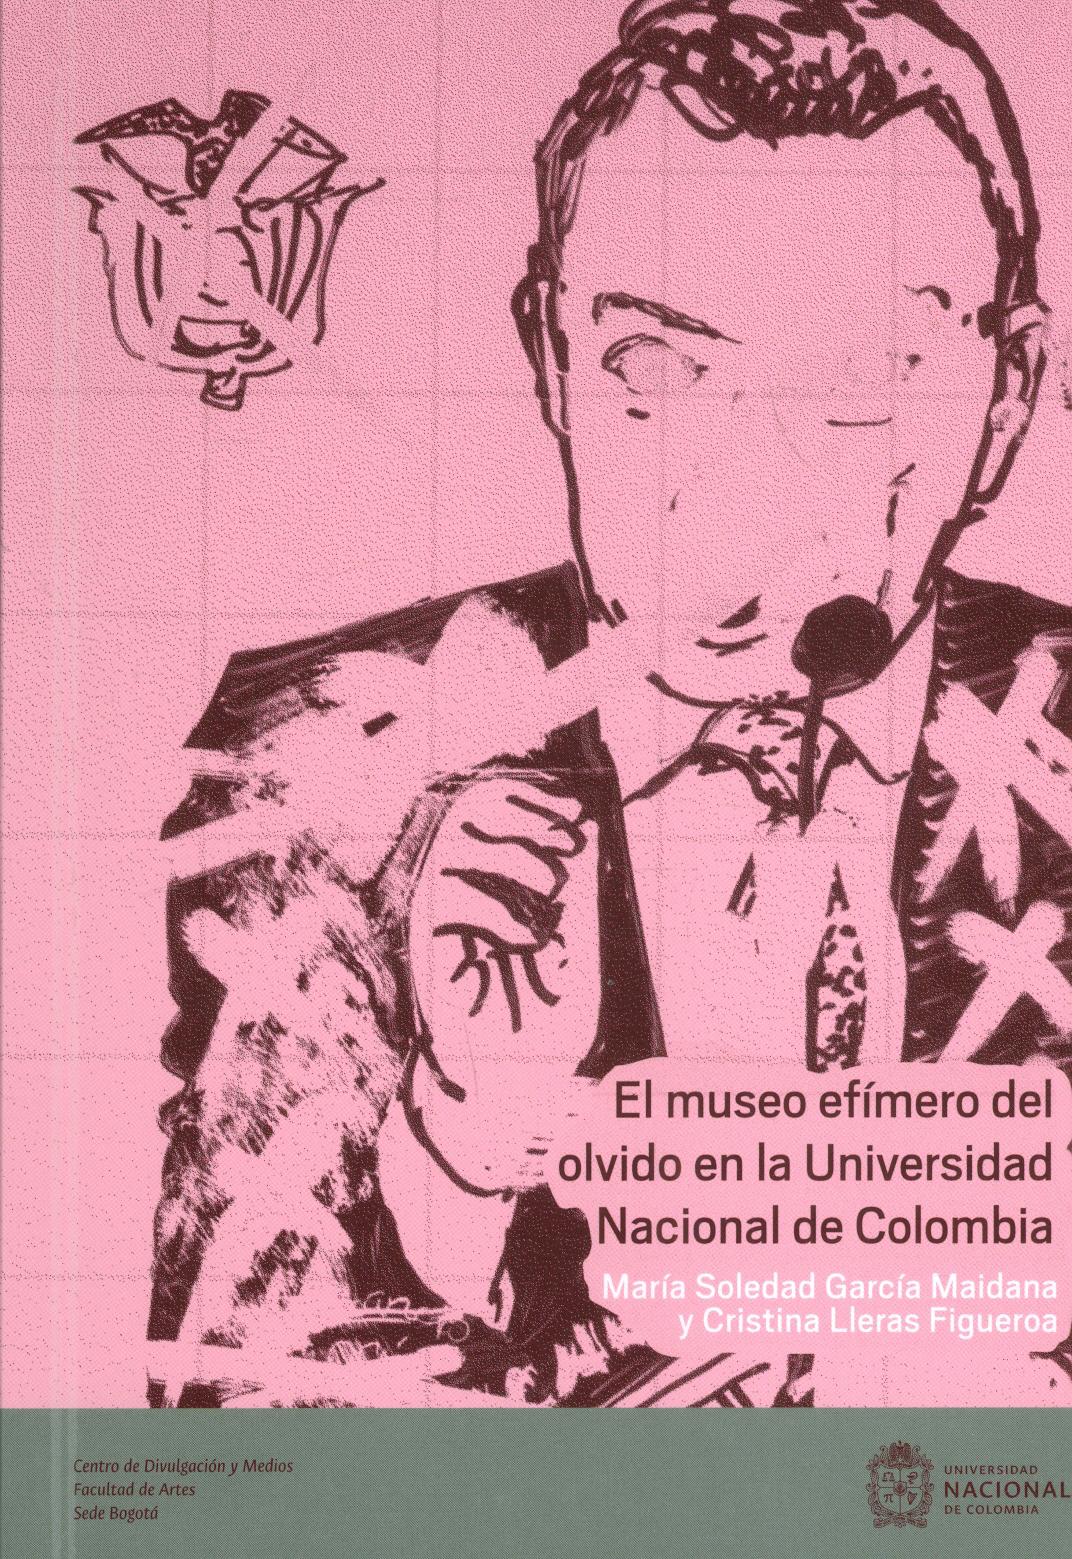 El museo efímero del olvido en la Universidad Nacional de Colombia